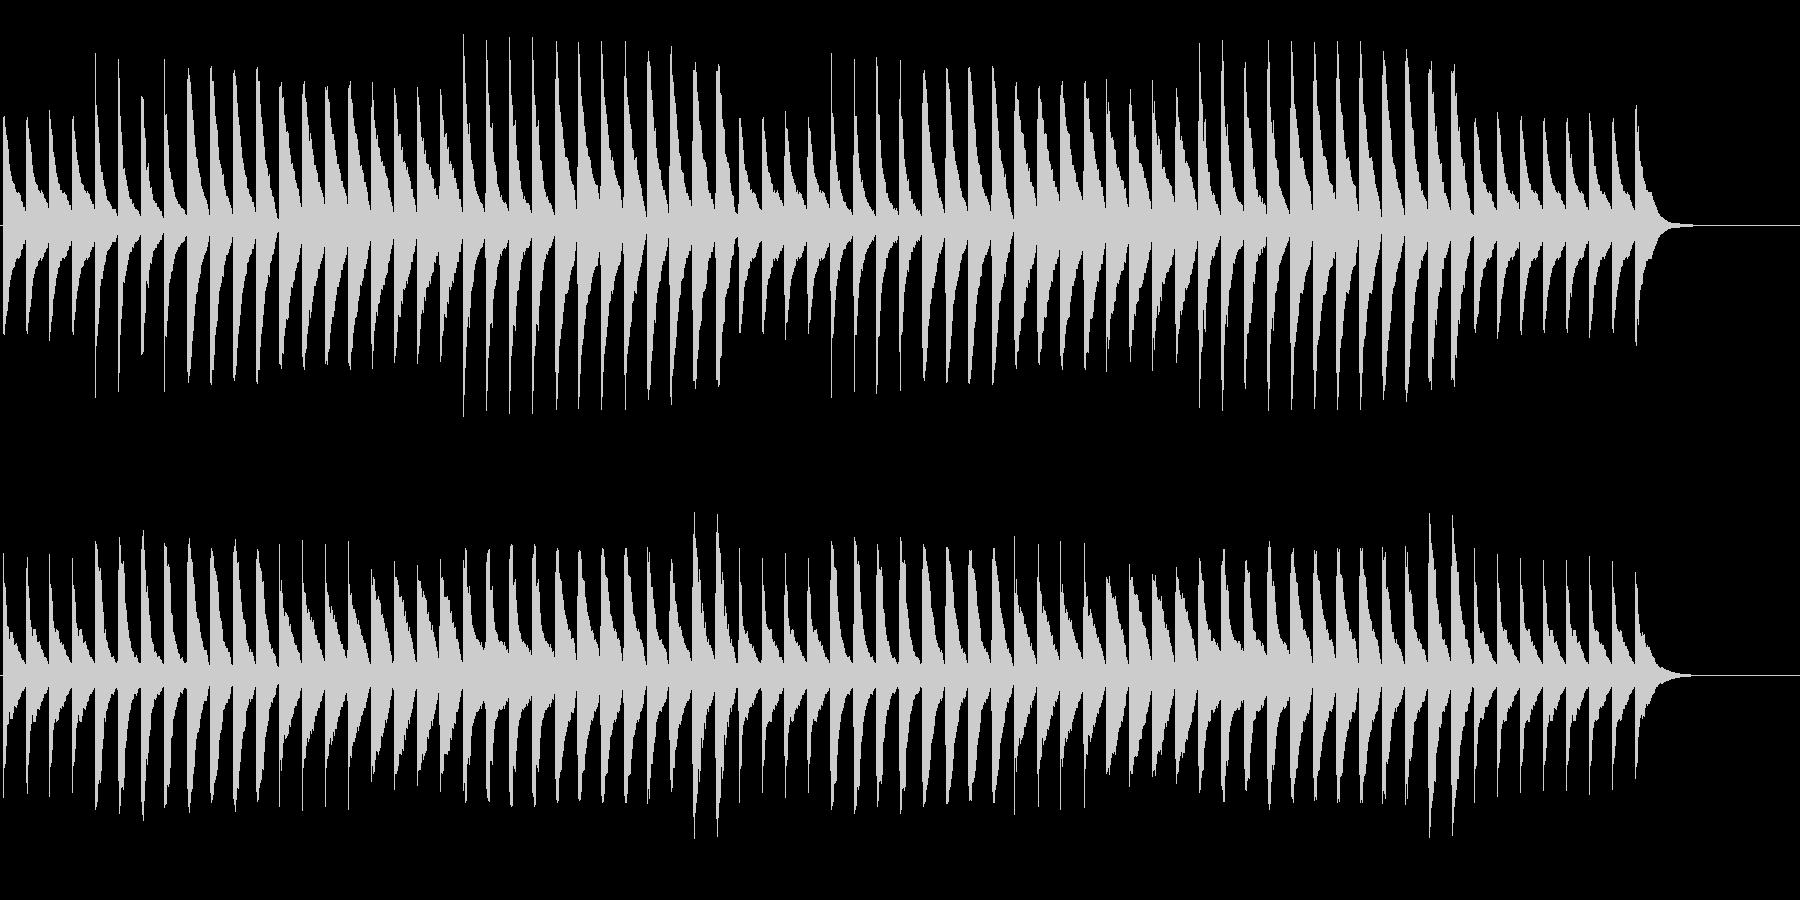 ジャッジメント 緊張の発表 ピアノのみの未再生の波形